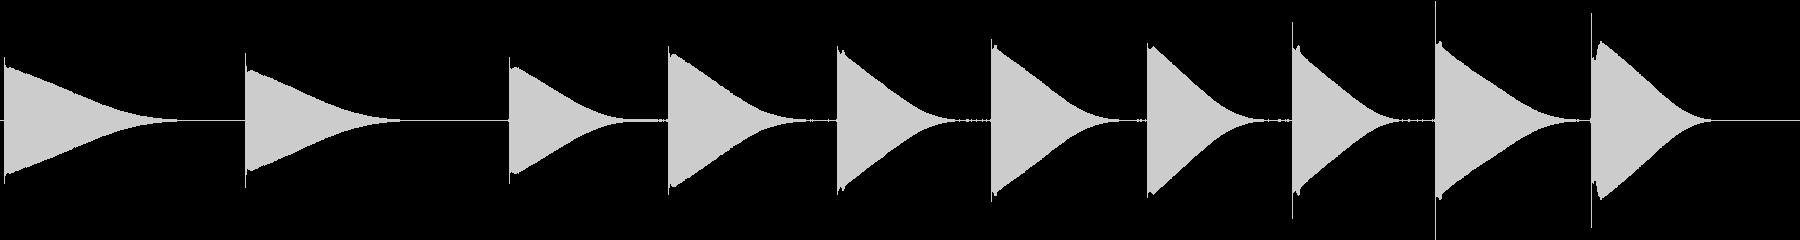 トーンベル合成の未再生の波形